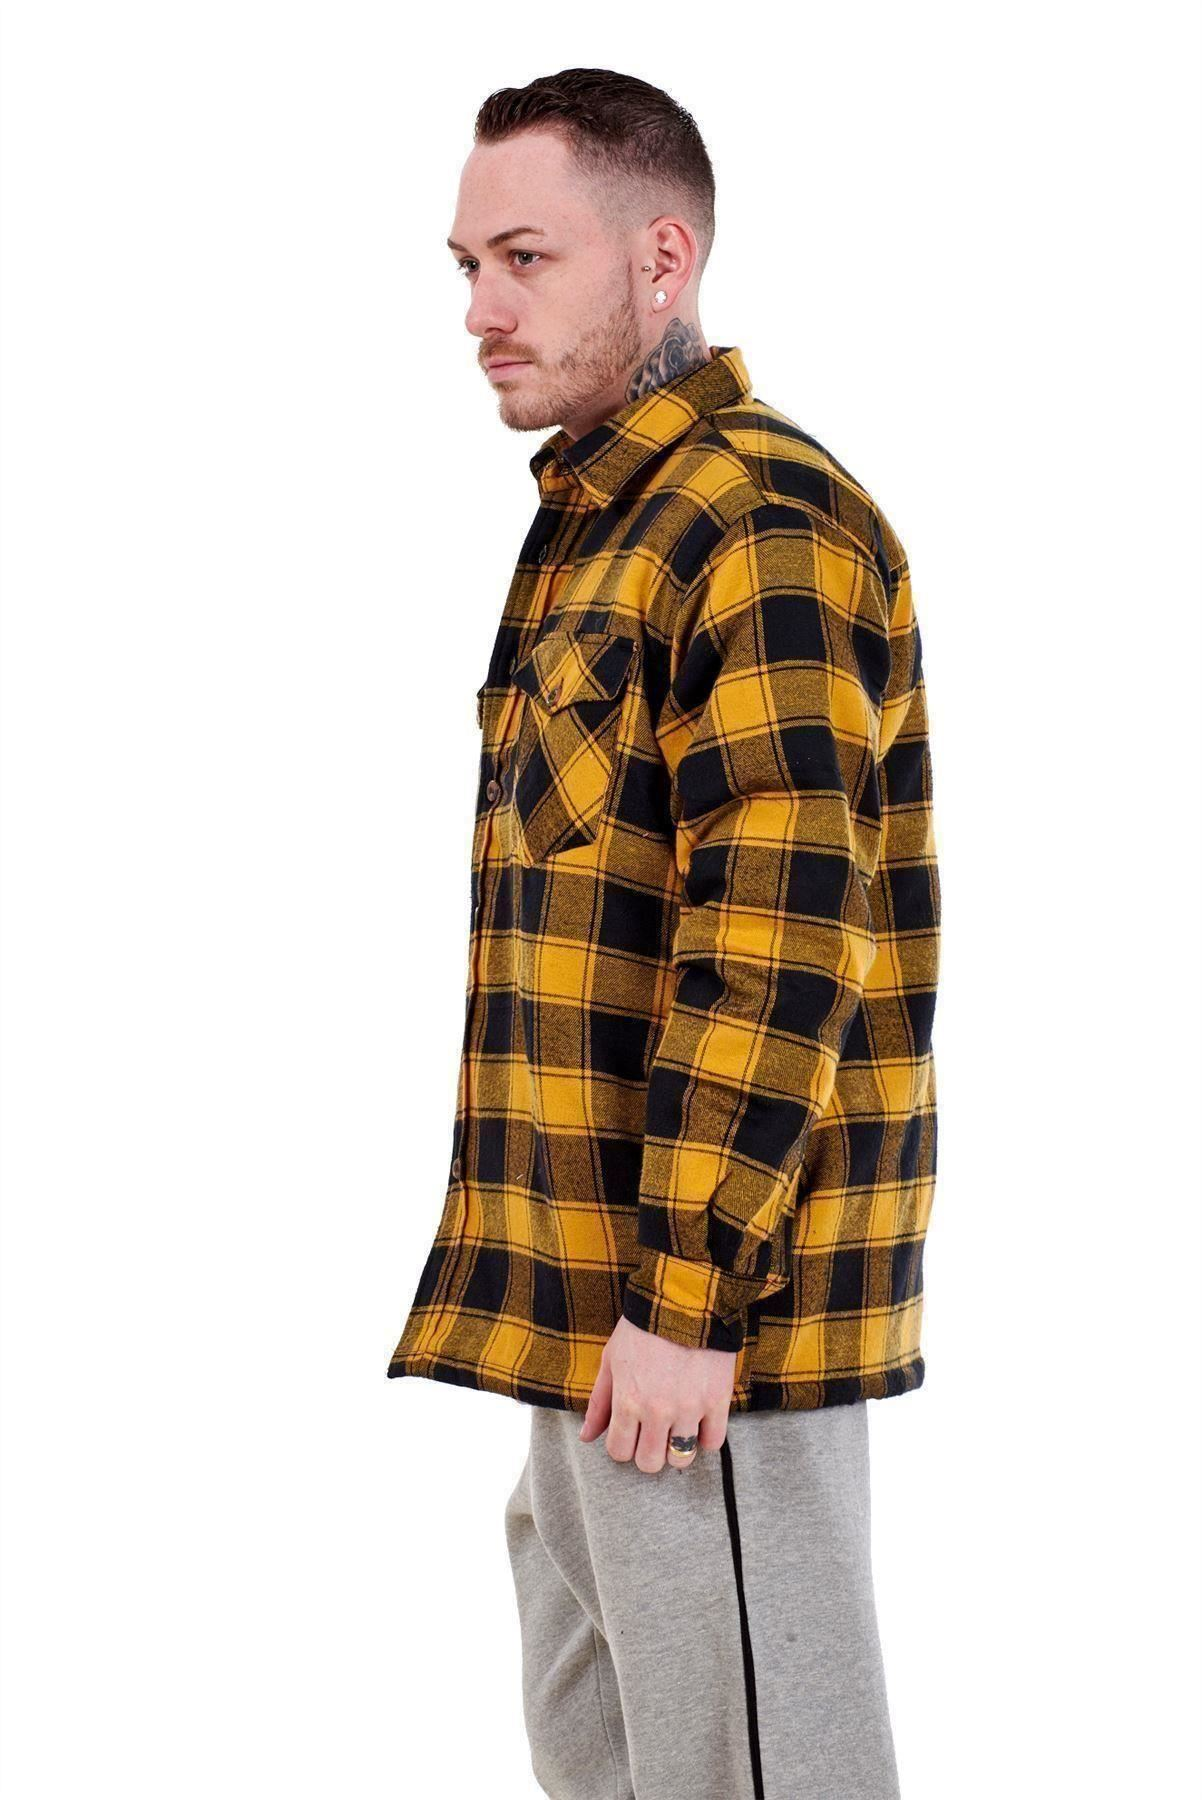 Flanella-Da-Uomo-Imbottito-Work-Shirt-Filato-Tinto-trapuntato-boscaiolo-Giacca-Regolare-amp-Big miniatura 8